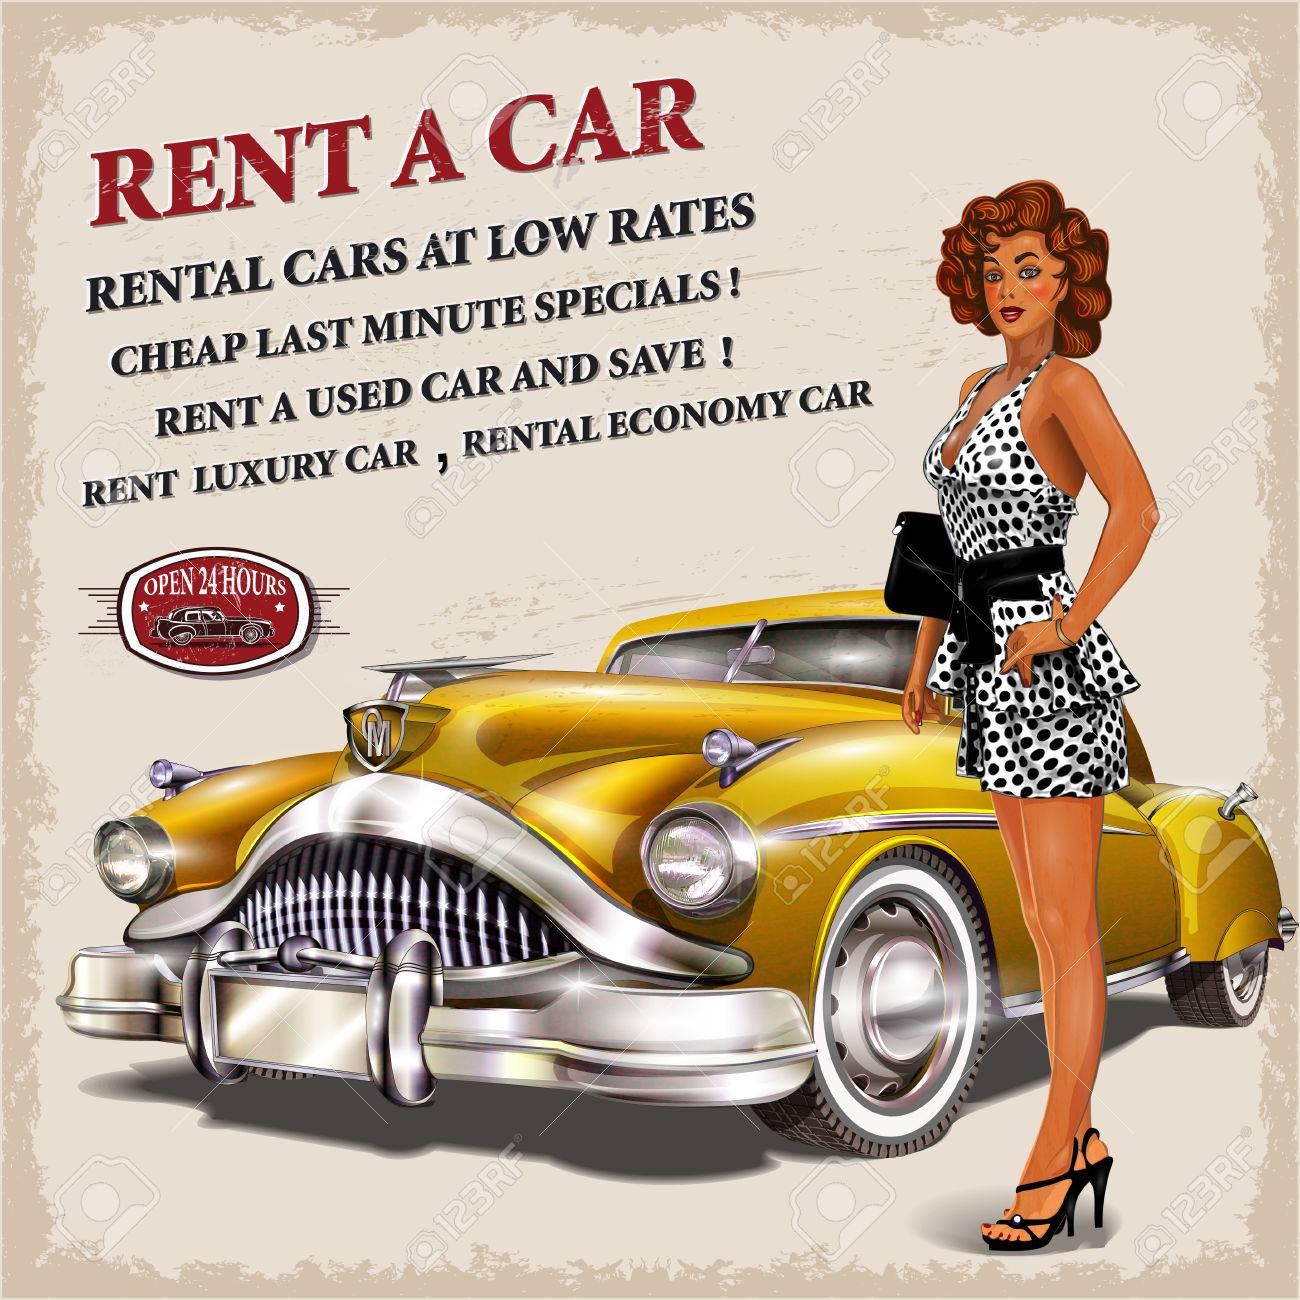 Rent a car retro poster. - 70277299